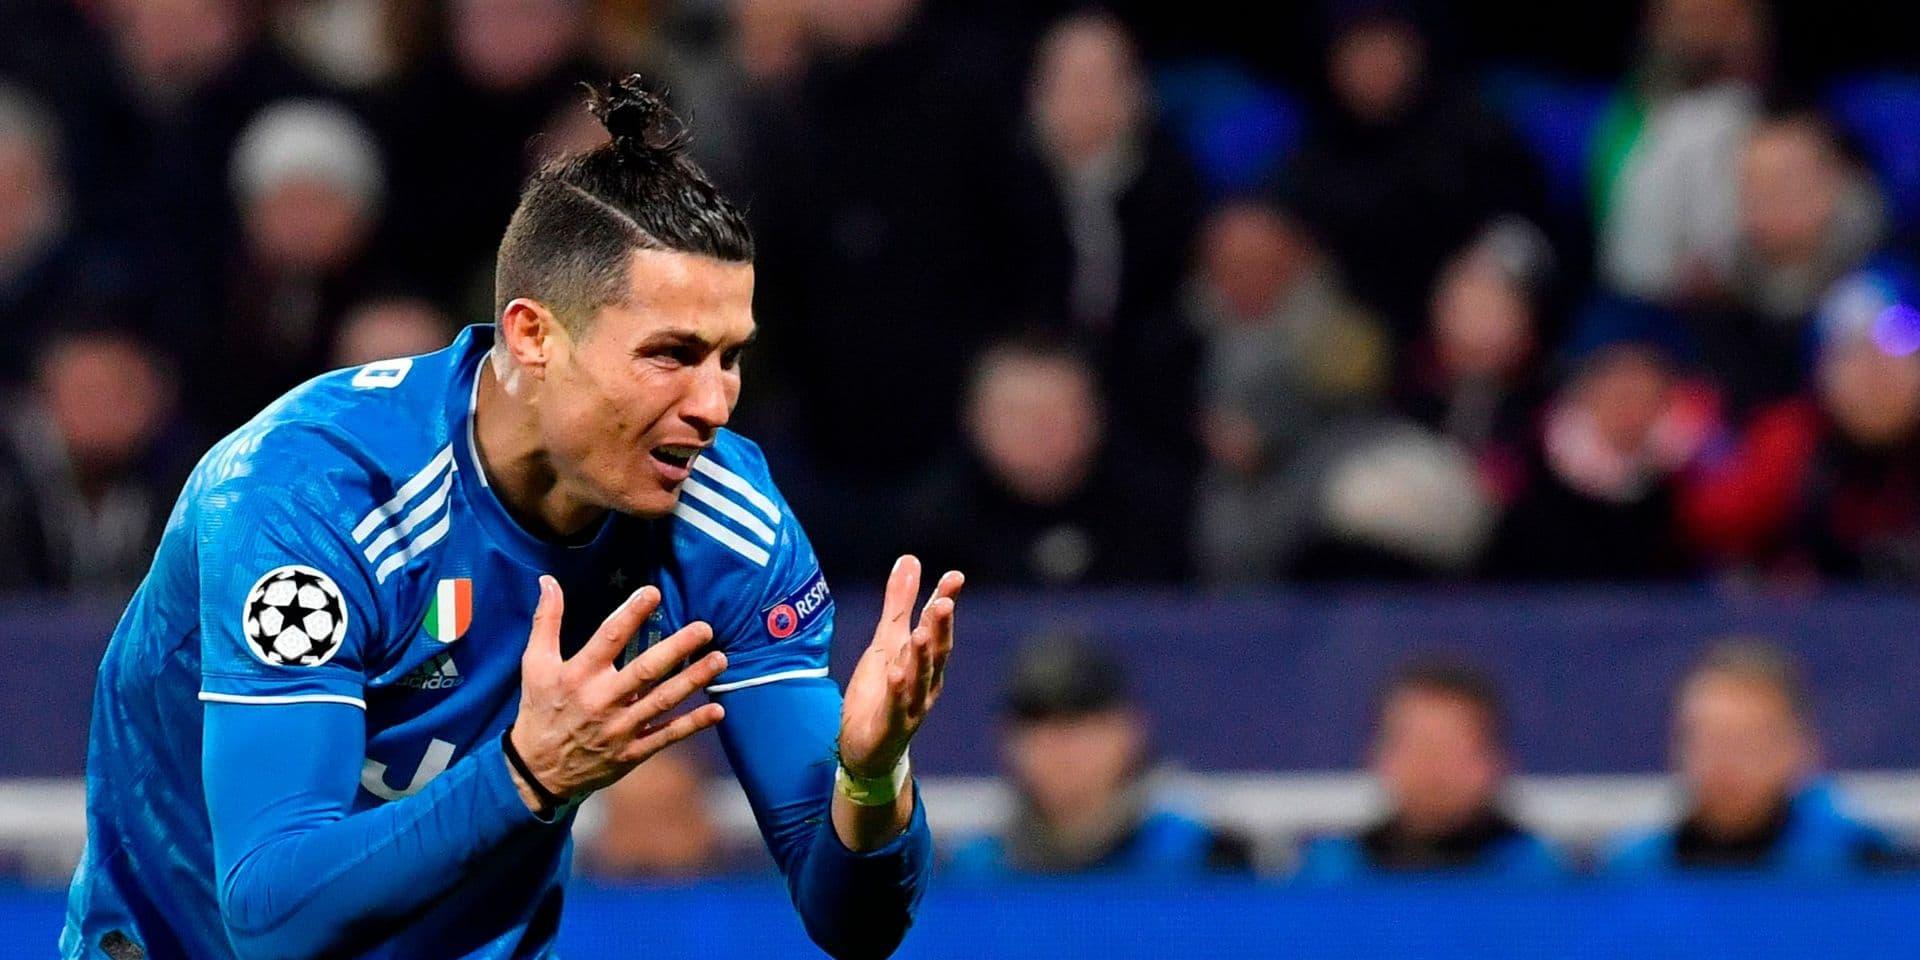 Transfertmarkt bloqué par Cristiano Ronaldo suite à une réévaluation de sa valeur marchande !